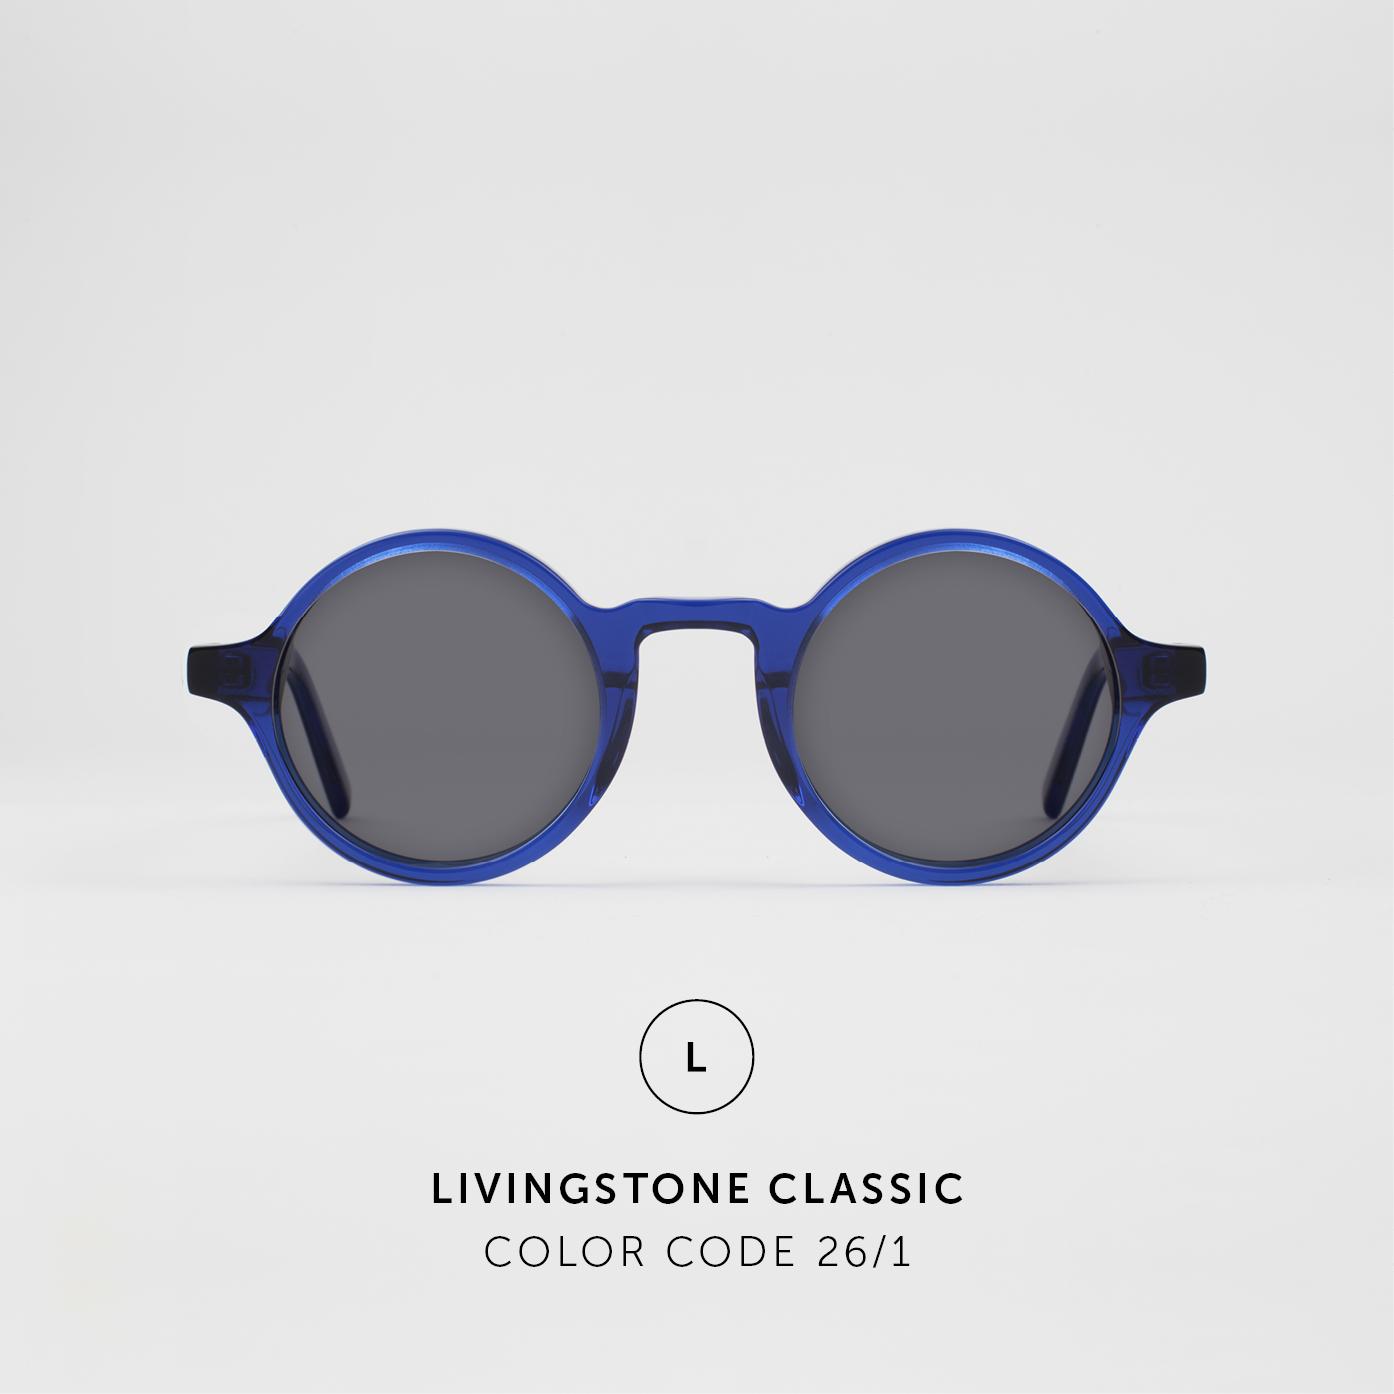 LivingstoneClassic62.jpg